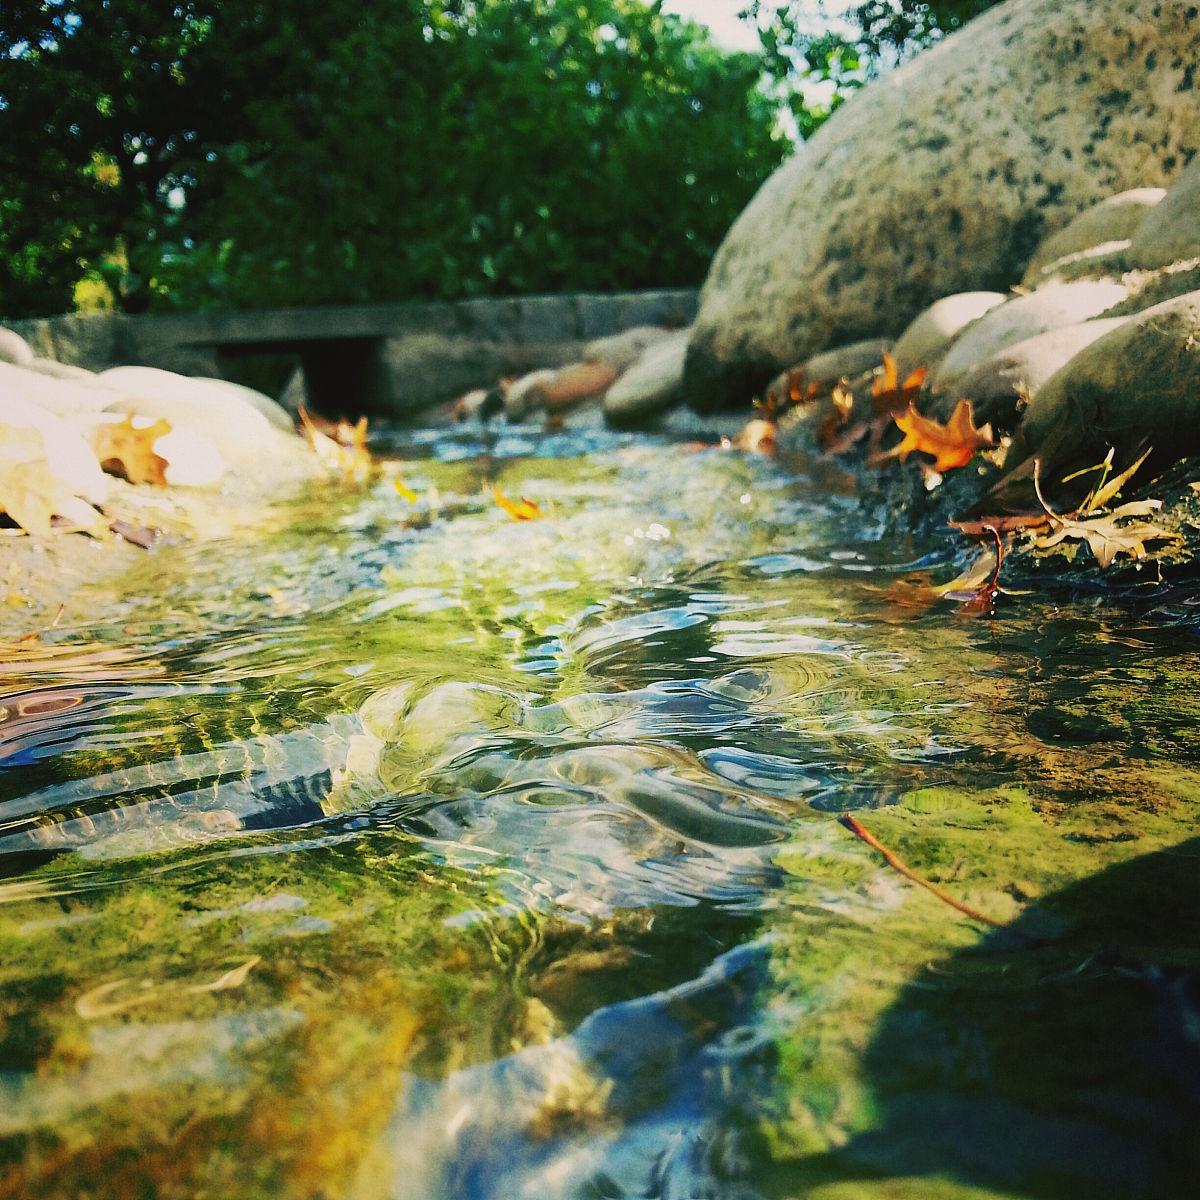 自然,白昼,伦敦城,水彩画颜料,正方形,秋天,公园,英国,自然美,饮用图片